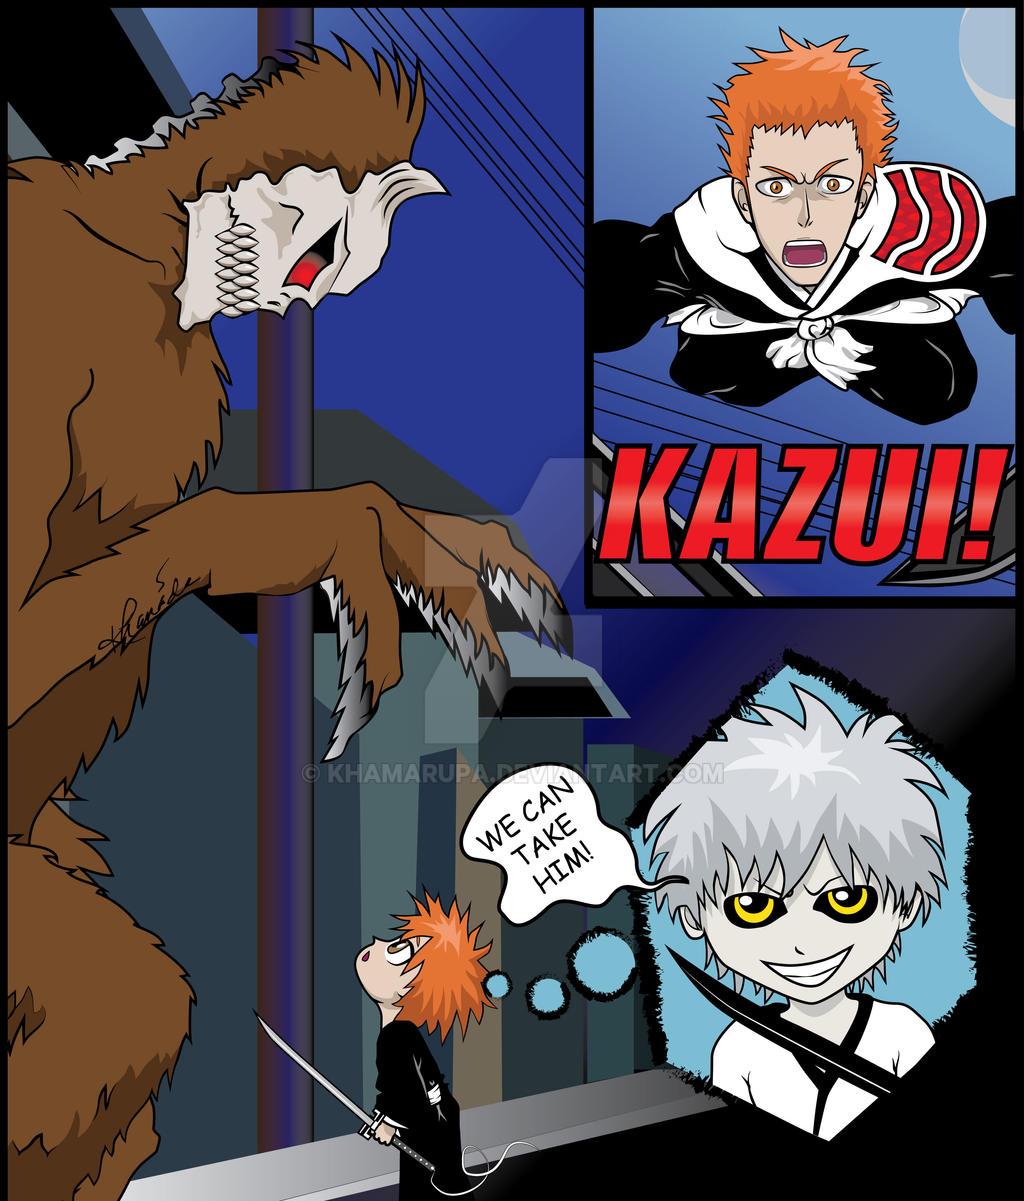 Bleach: Kazui vs His First Hollow